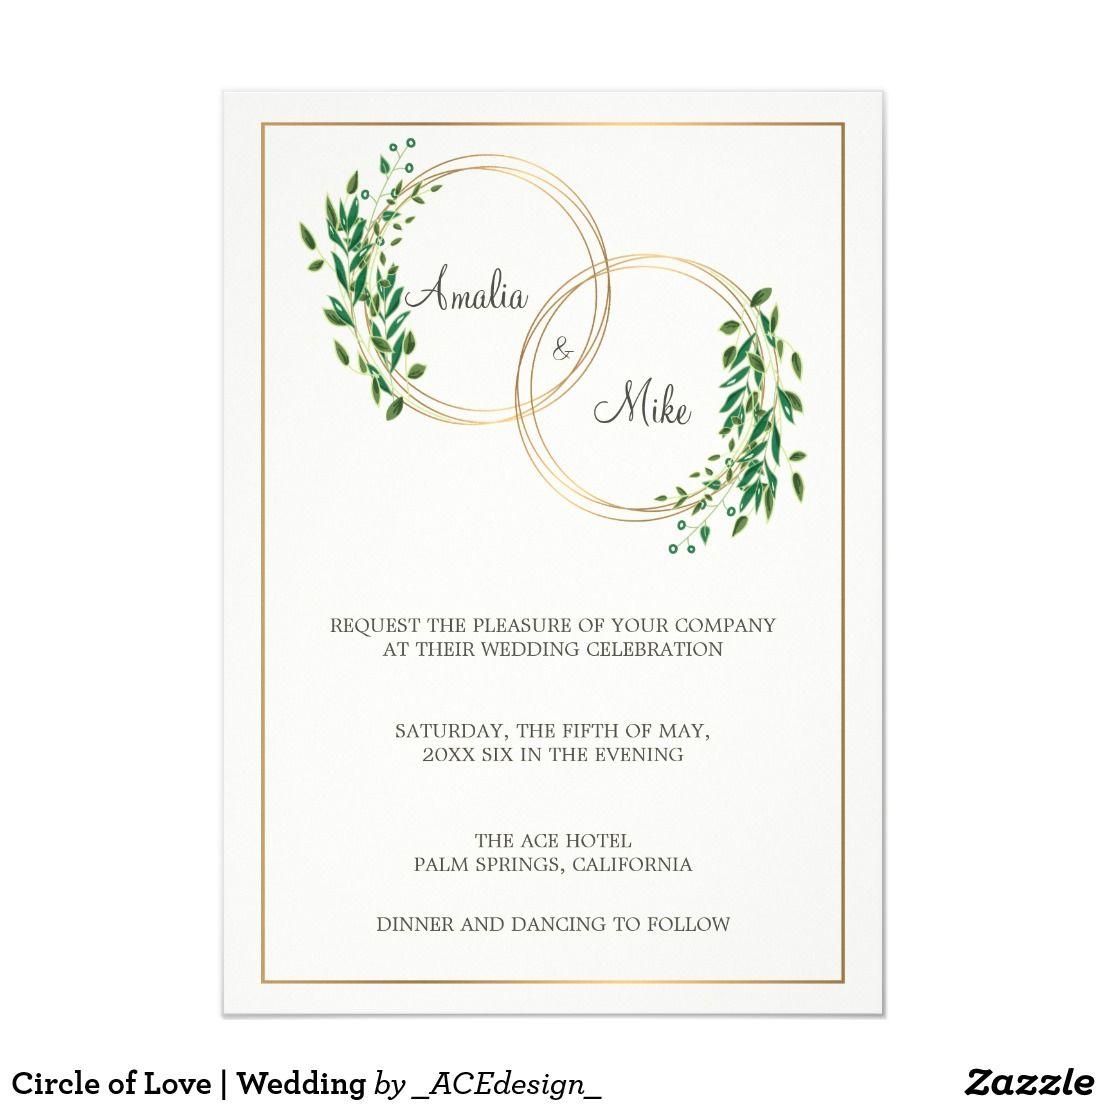 Circle Of Love Wedding Invitation Zazzle Com Wedding Cards Country Wedding Invitations Engagement Invitation Cards